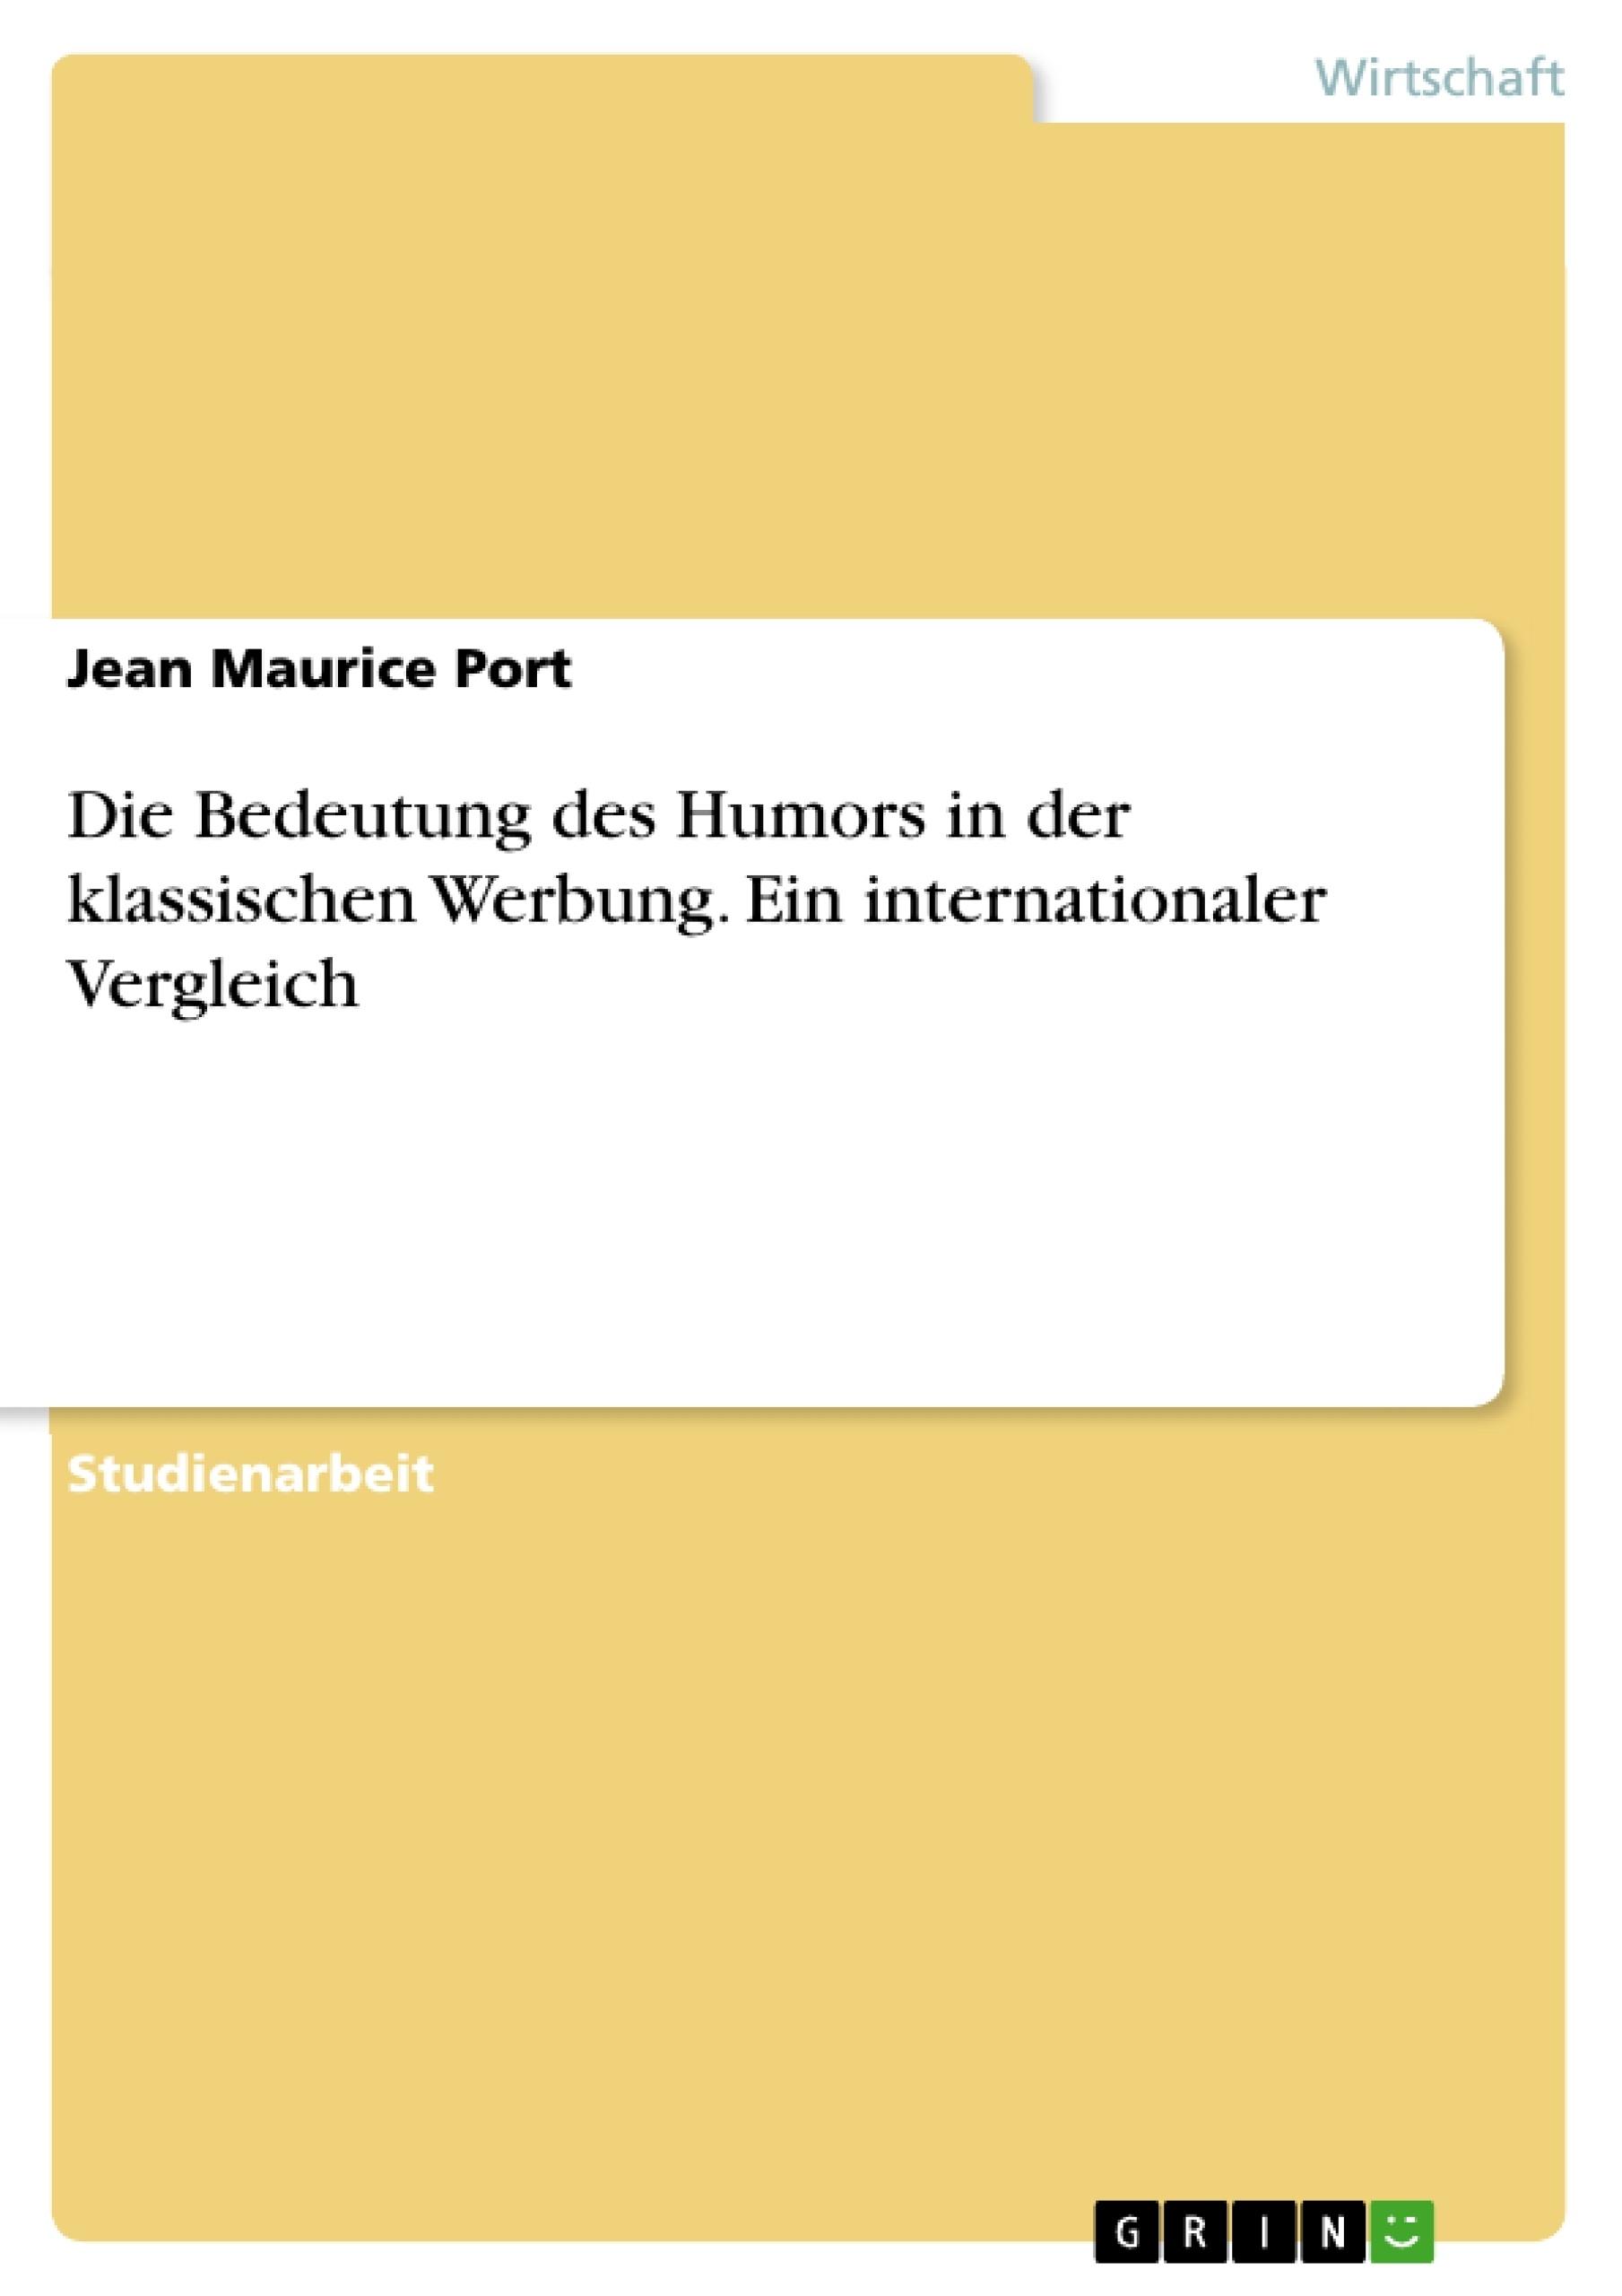 Titel: Die Bedeutung des Humors in der klassischen Werbung. Ein internationaler Vergleich